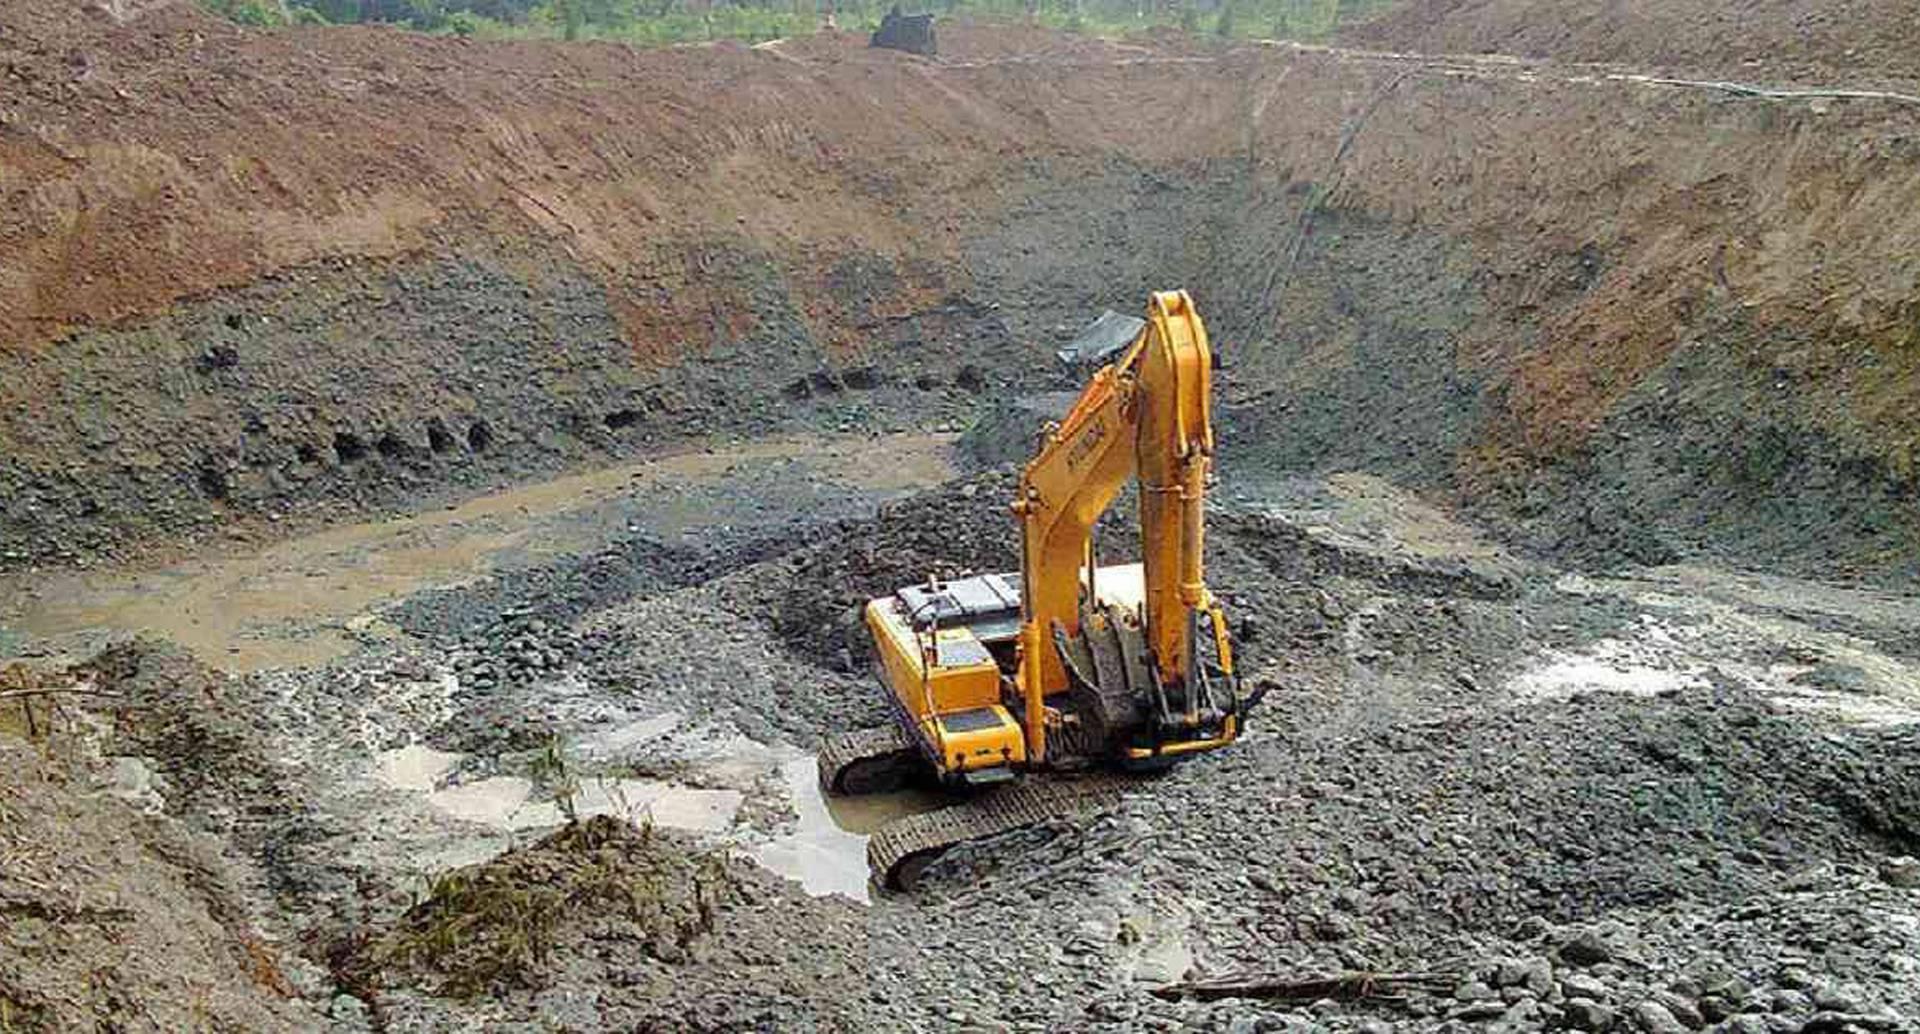 La minería a gran escala genera graves impactos en los suelos, lo que hace casi imposible su recuperación. Foto: Unimedios